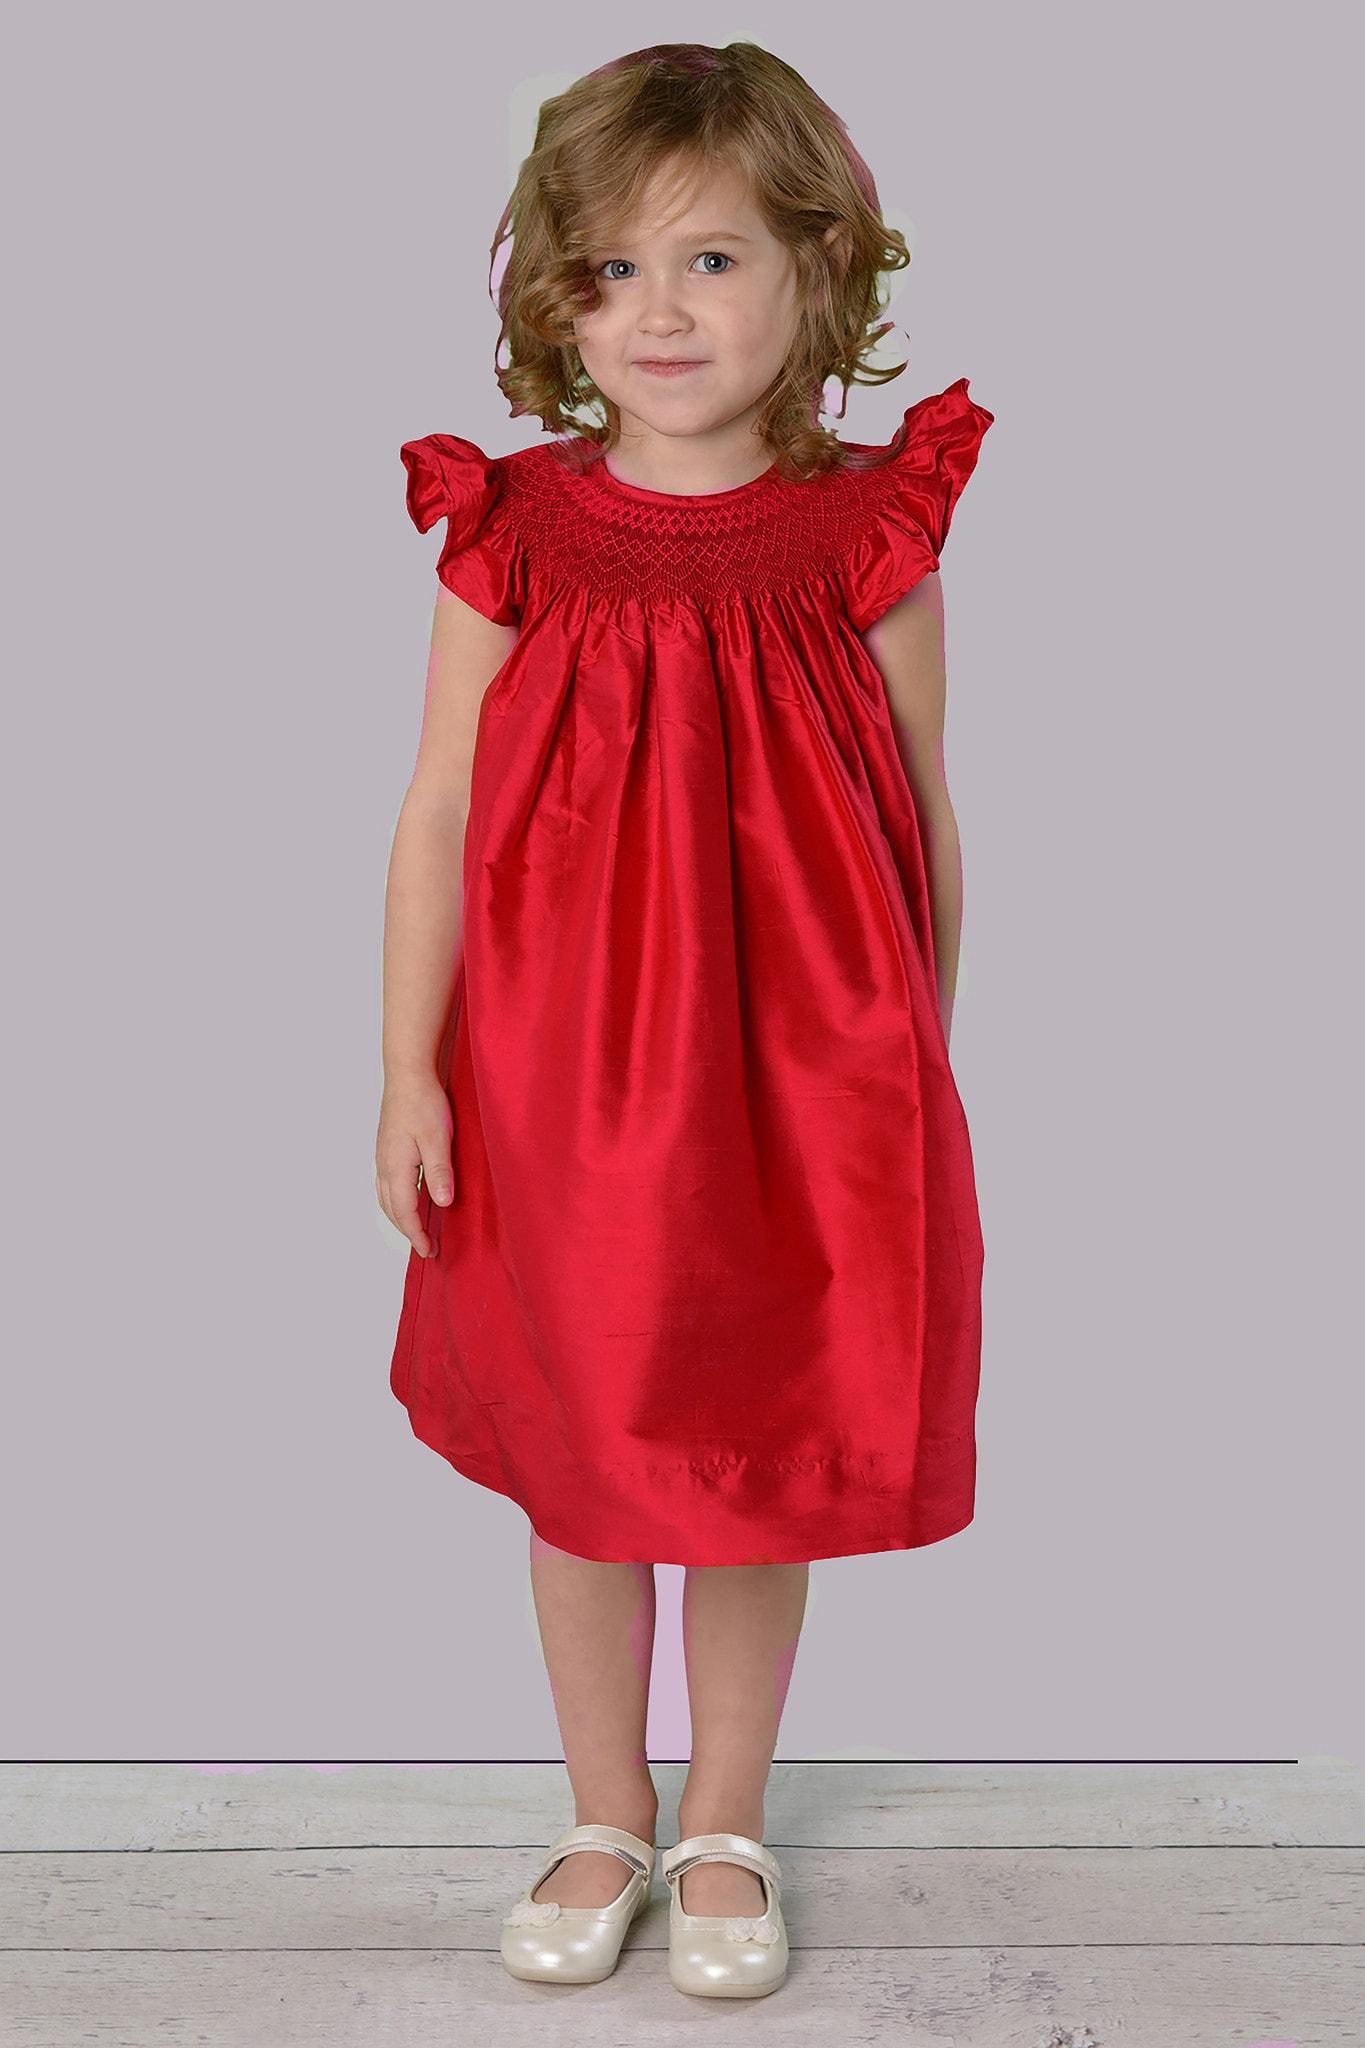 احدث  واحلى ازياء للاطفال واجمل التصاميم الحمراء للبنات P_386x8dlb8